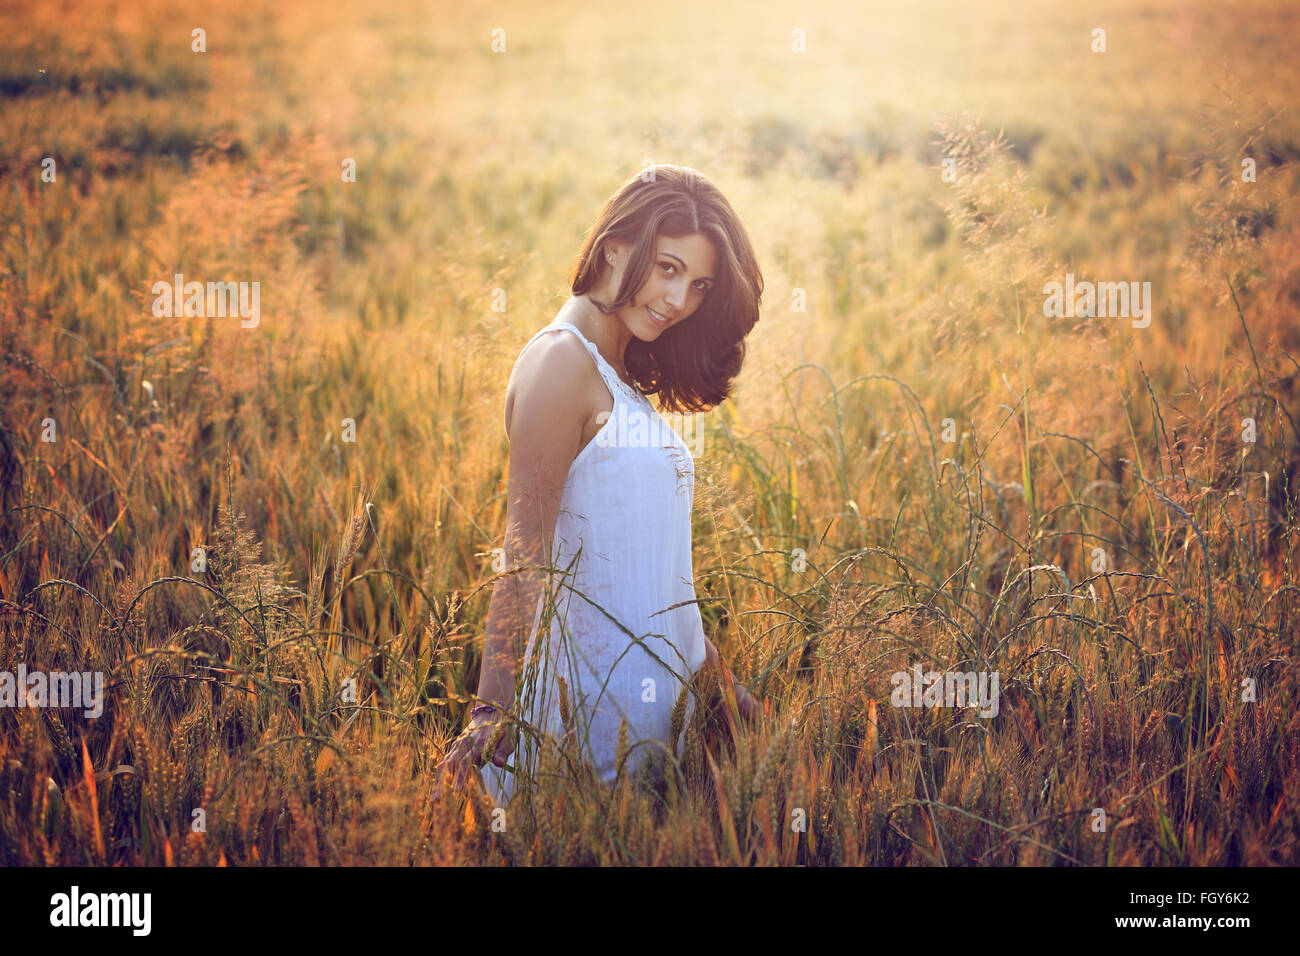 Schöne junge Frau in einer Sommerwiese. Warmen Sonnenuntergang Licht Porträt Stockbild